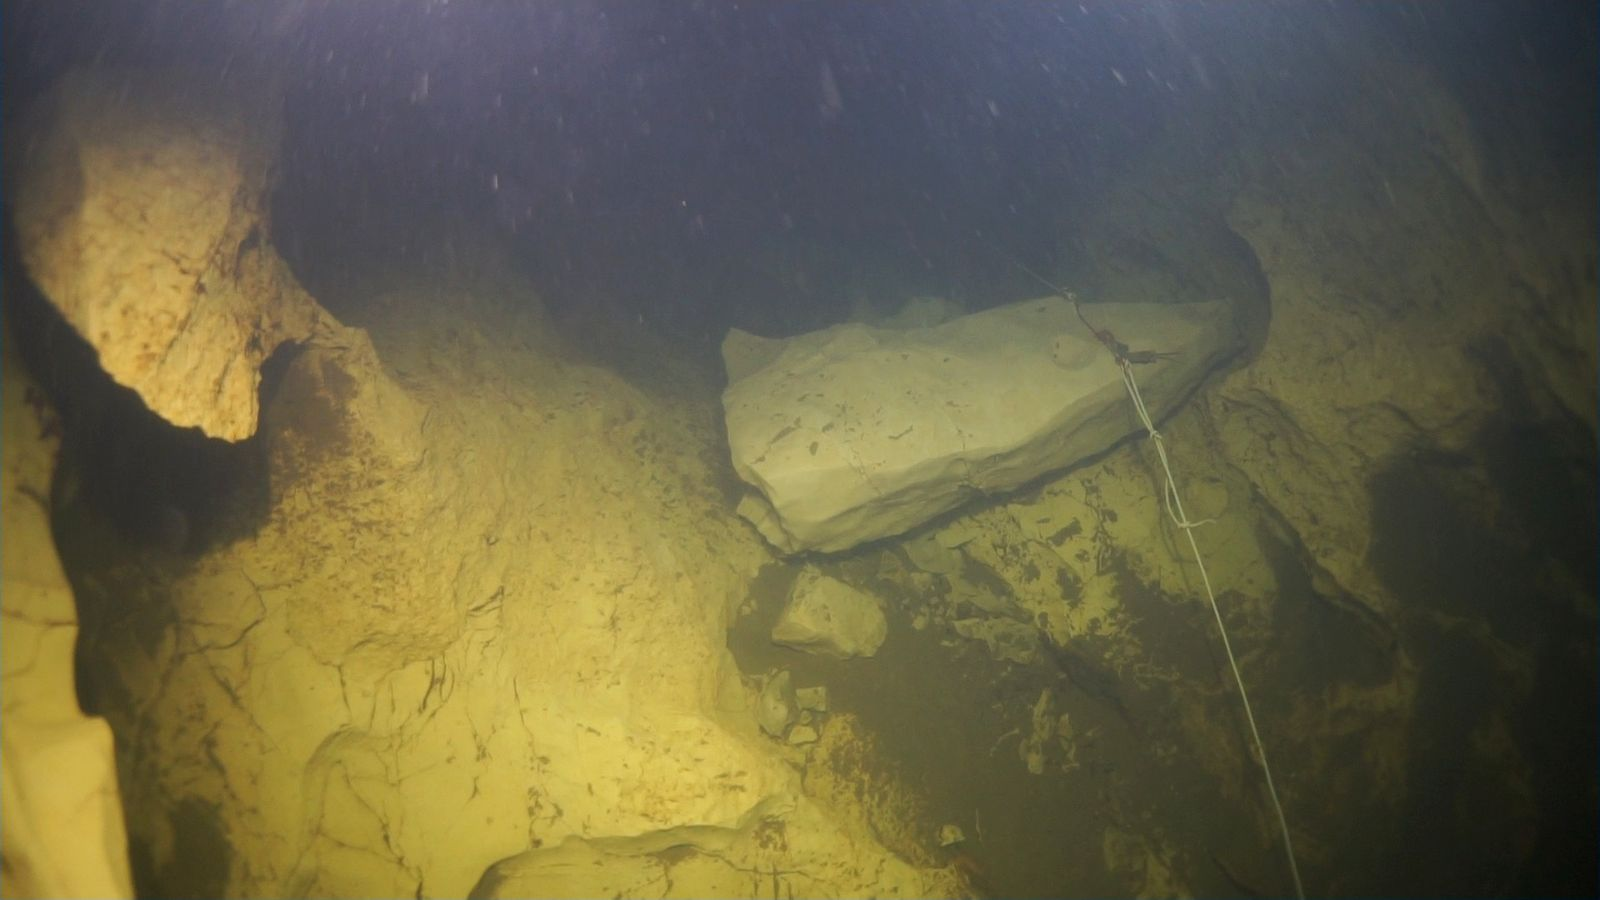 EINMALIGE VERWENDUNG Neuentdeckung/ Höhlenfisch/ Aachhöhle